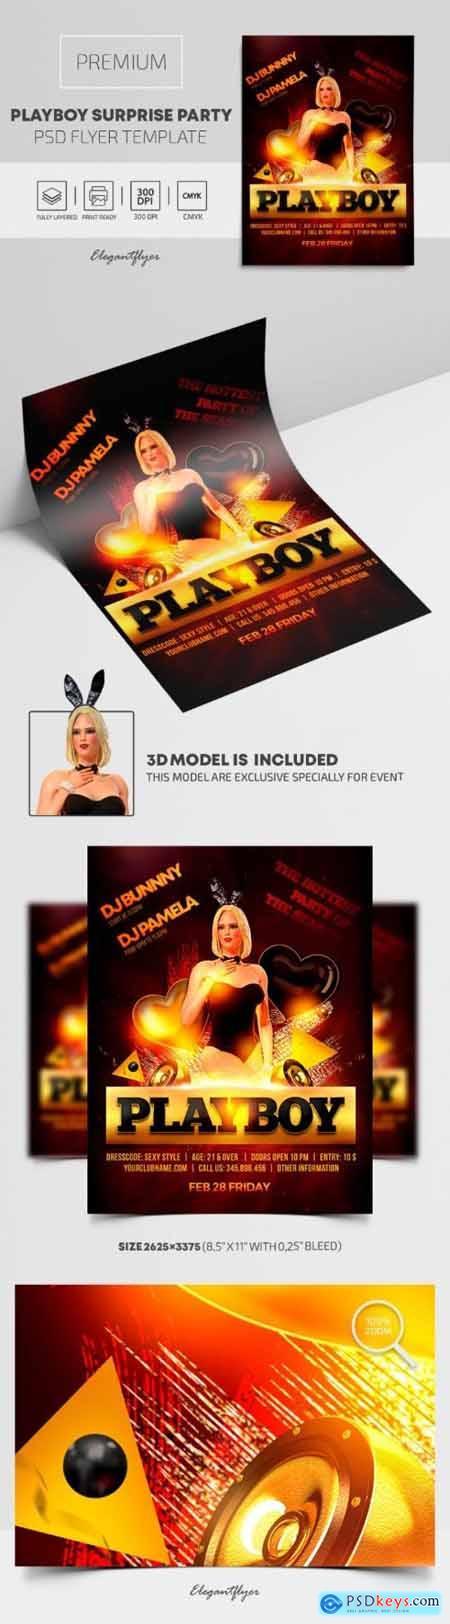 Playboy Surprise Party – Premium PSD Flyer Template